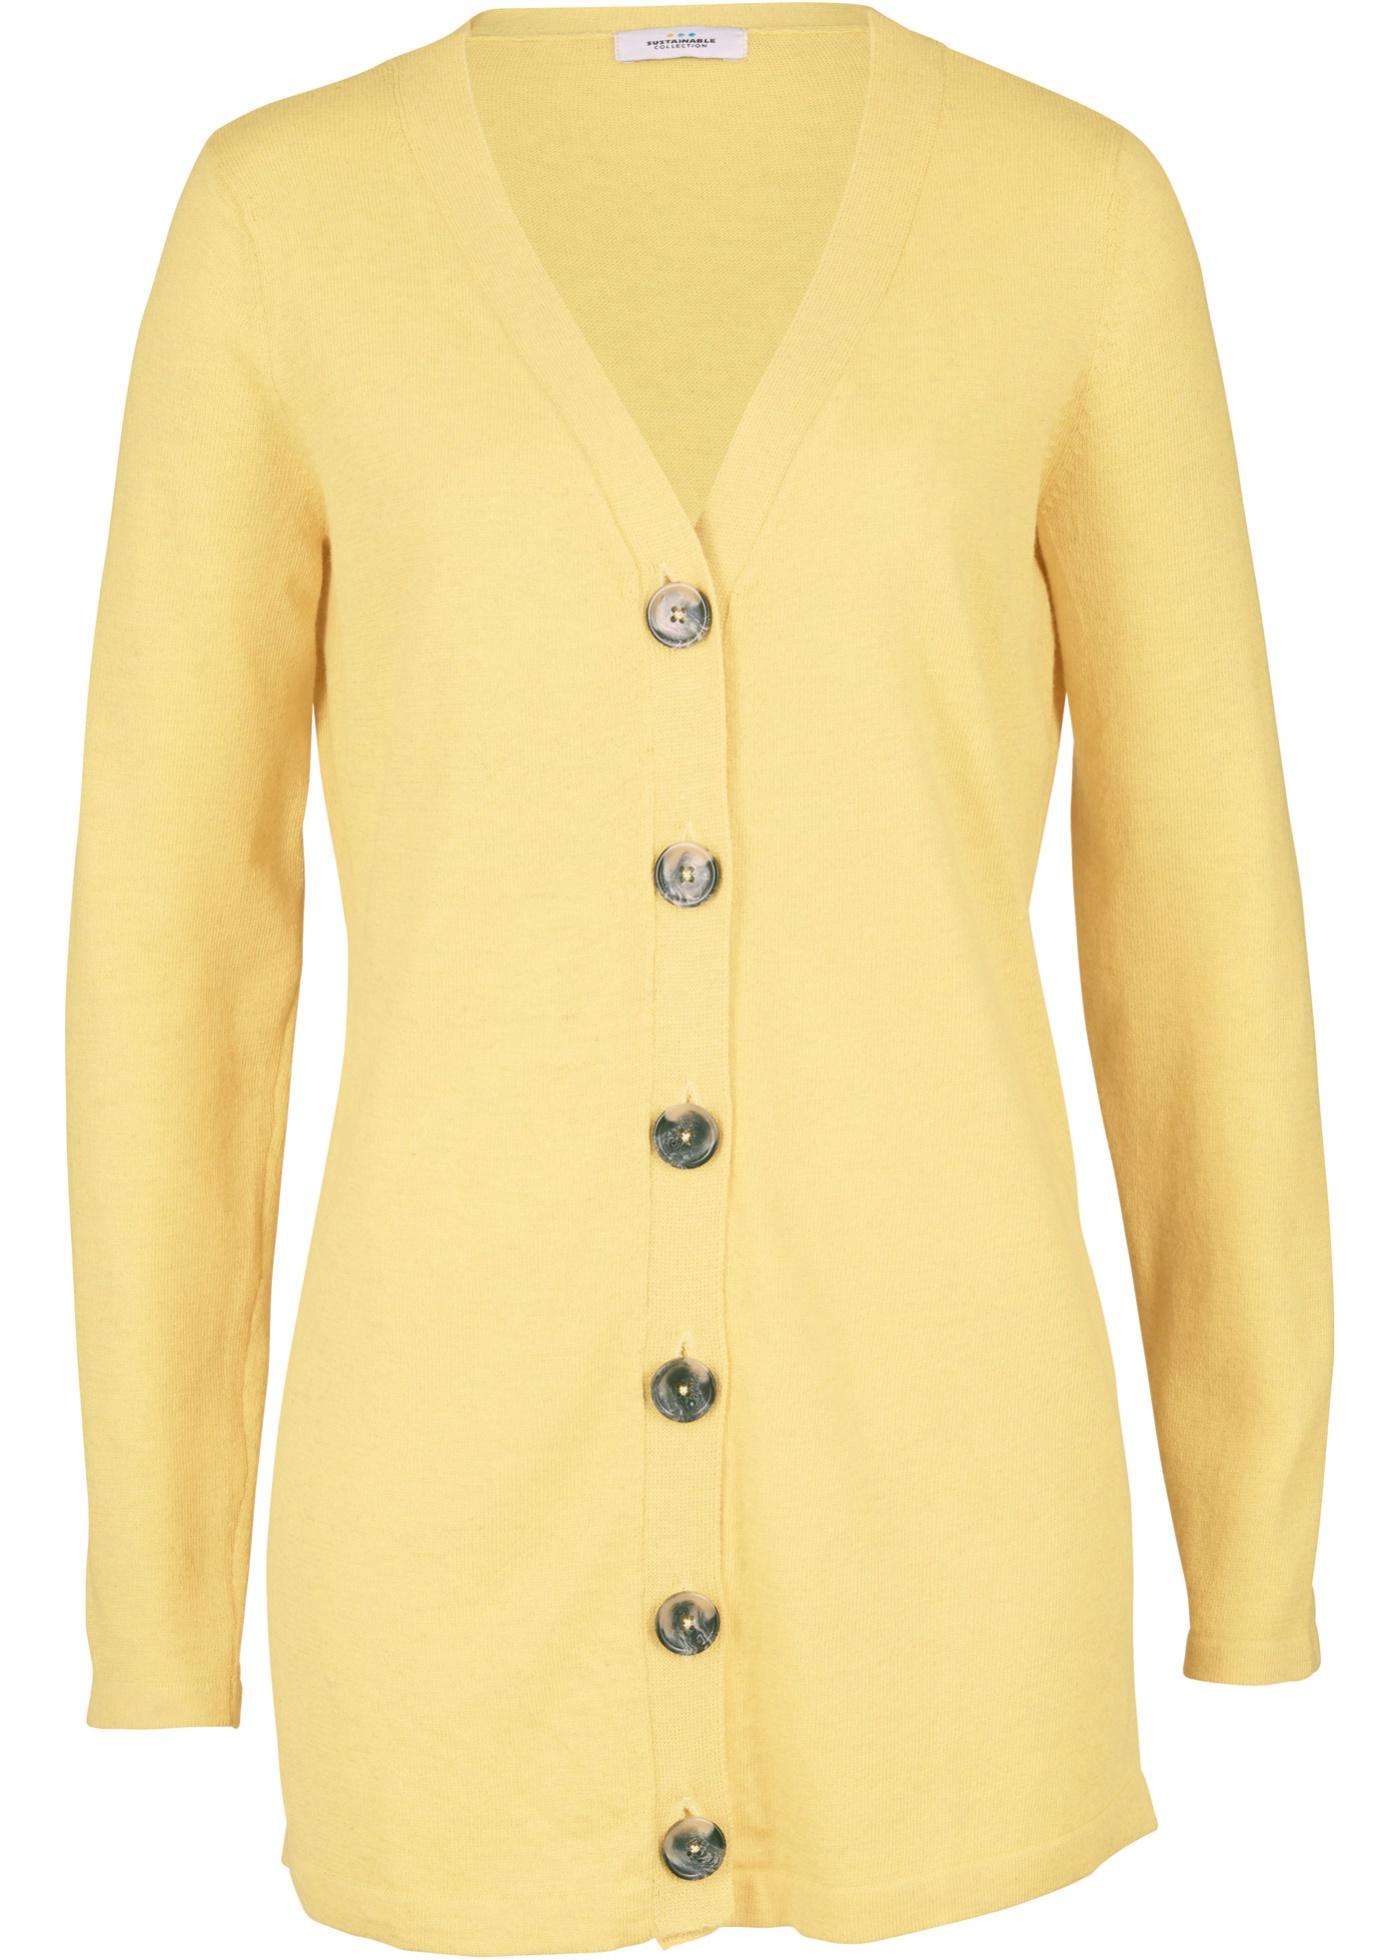 Nachhaltige Strickjacke, Leinen und recyceltem Polyester langarm  in gelb für Damen von bonprix